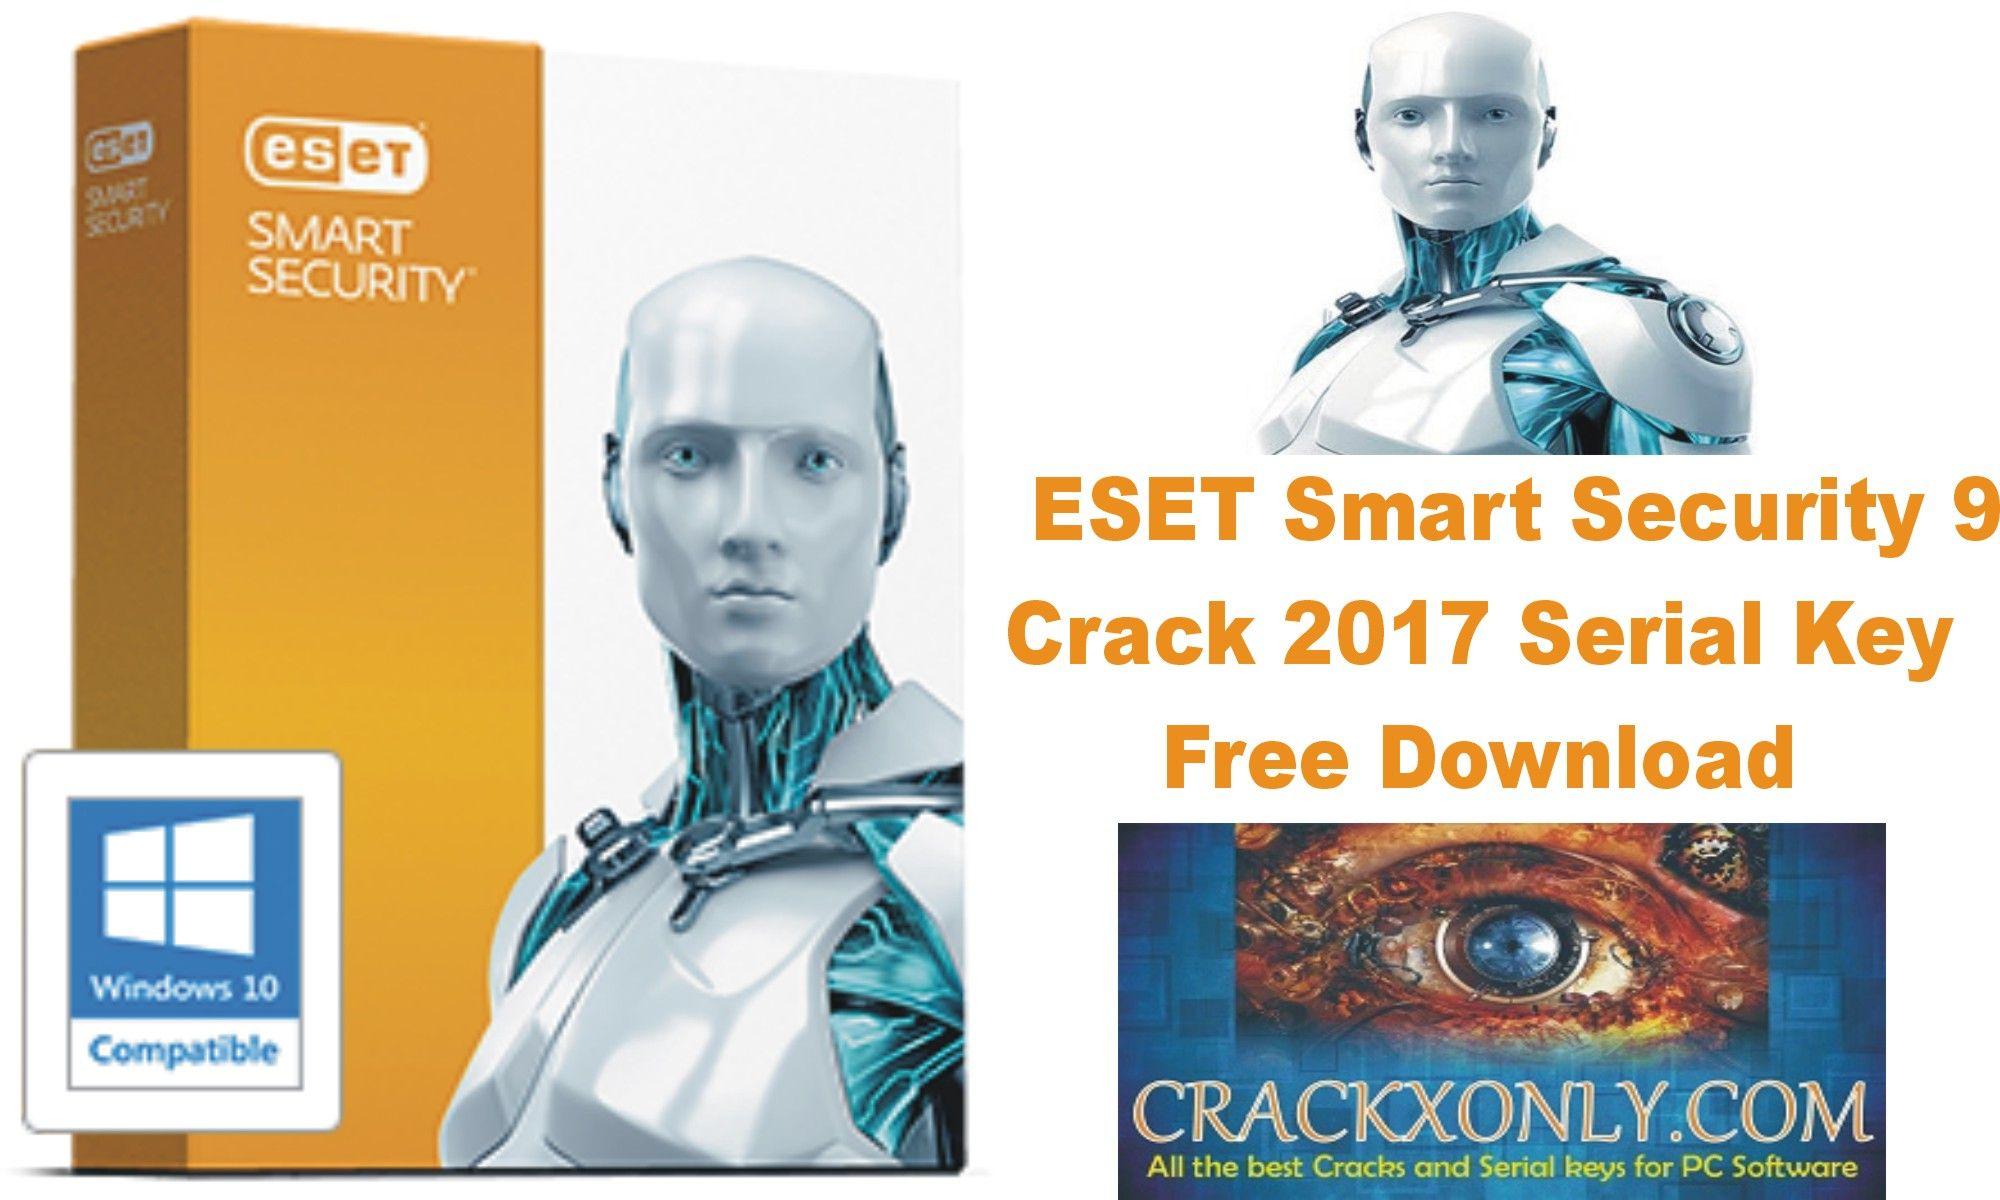 eset smart security 9 license key crack download